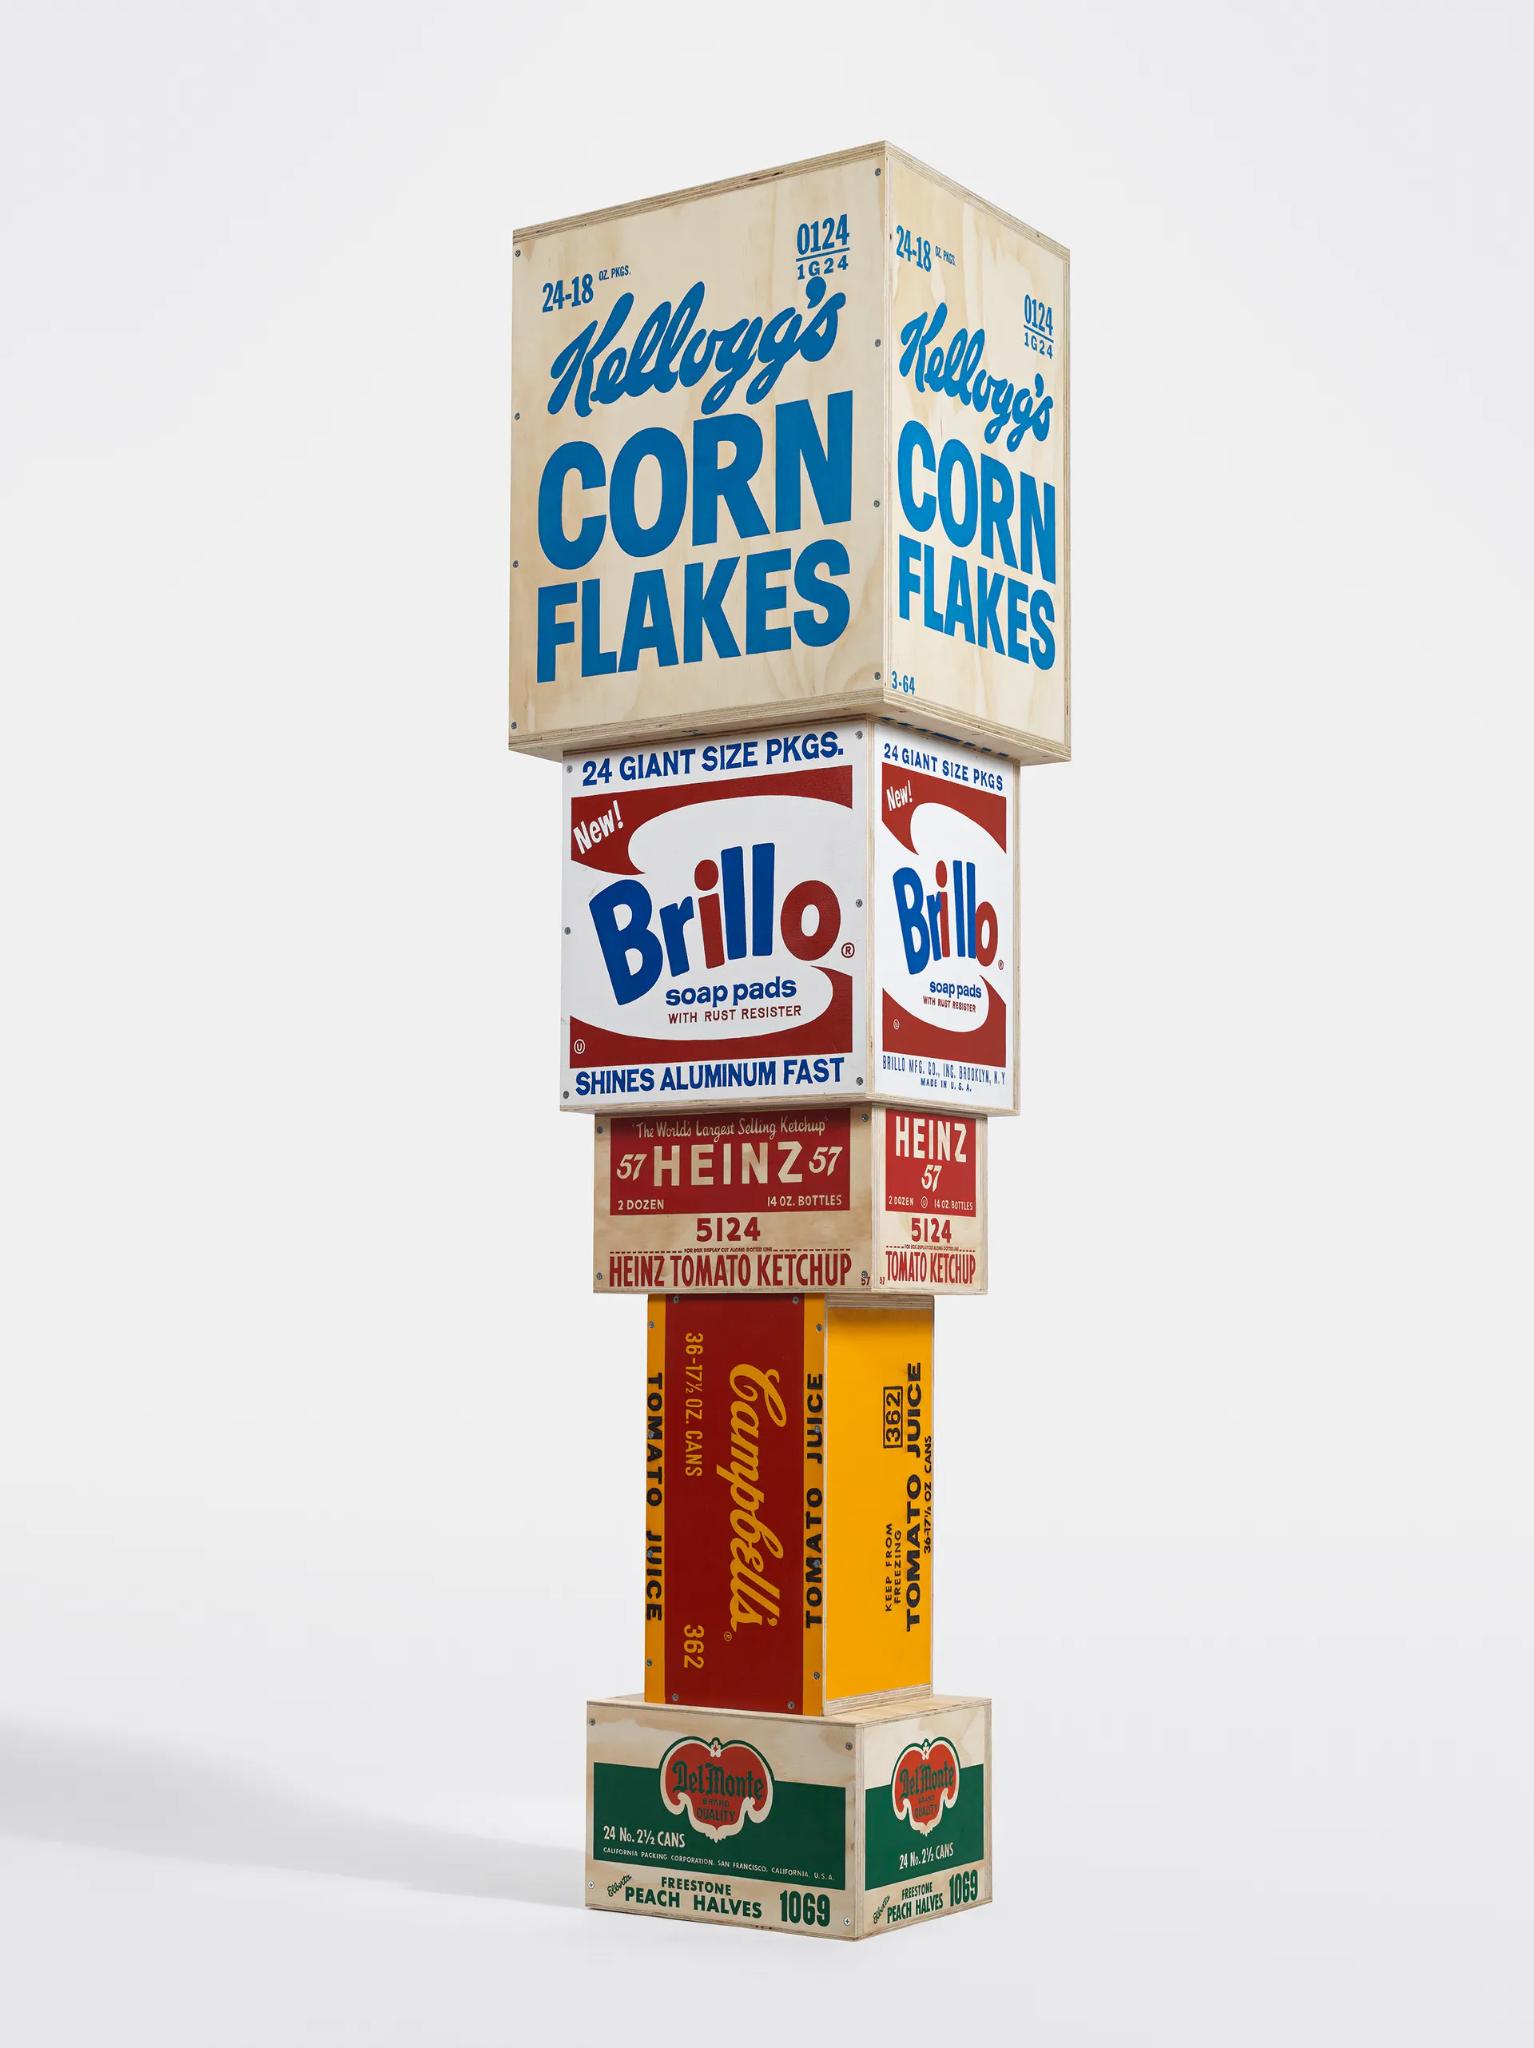 Oeuvre de Tom Sachs, artiste new yorkais